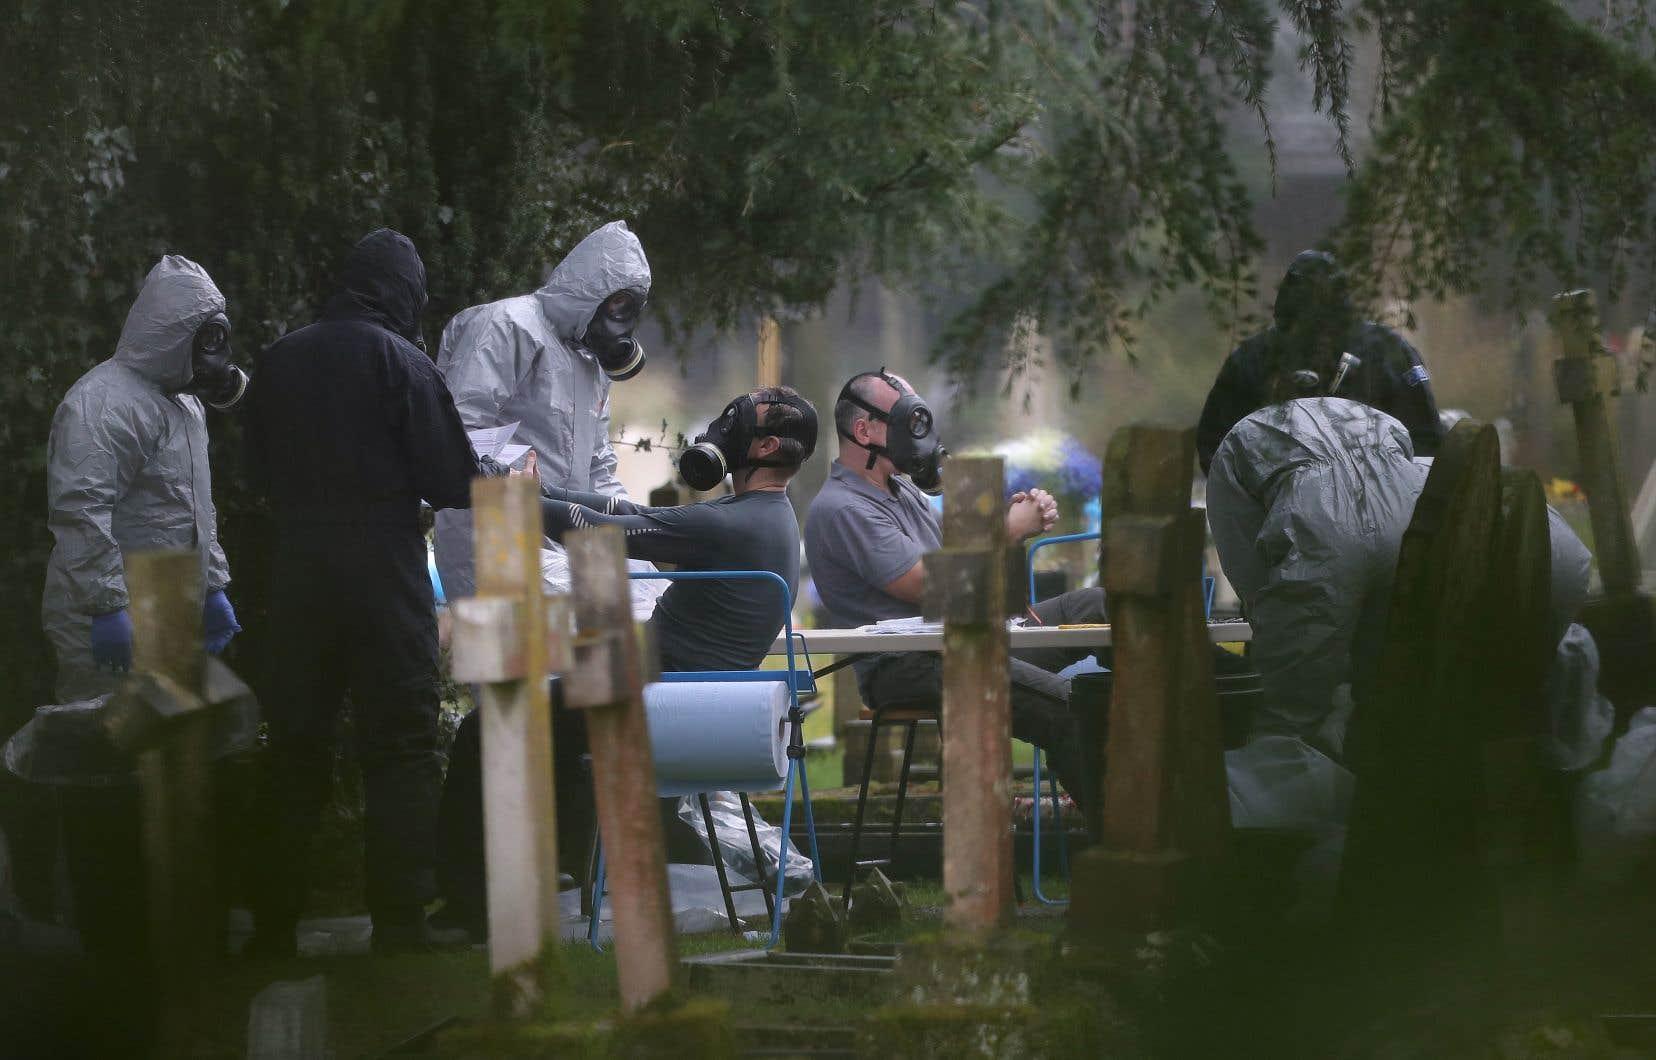 Les membres des services d'urgence et de la police poursuivent leurs recherches au London Road Cemetery à Salisbury, dans le sud de l'Angleterre, où la femme et le fils de l'ancien espion russe Sergueï Skripal sont enterrés.